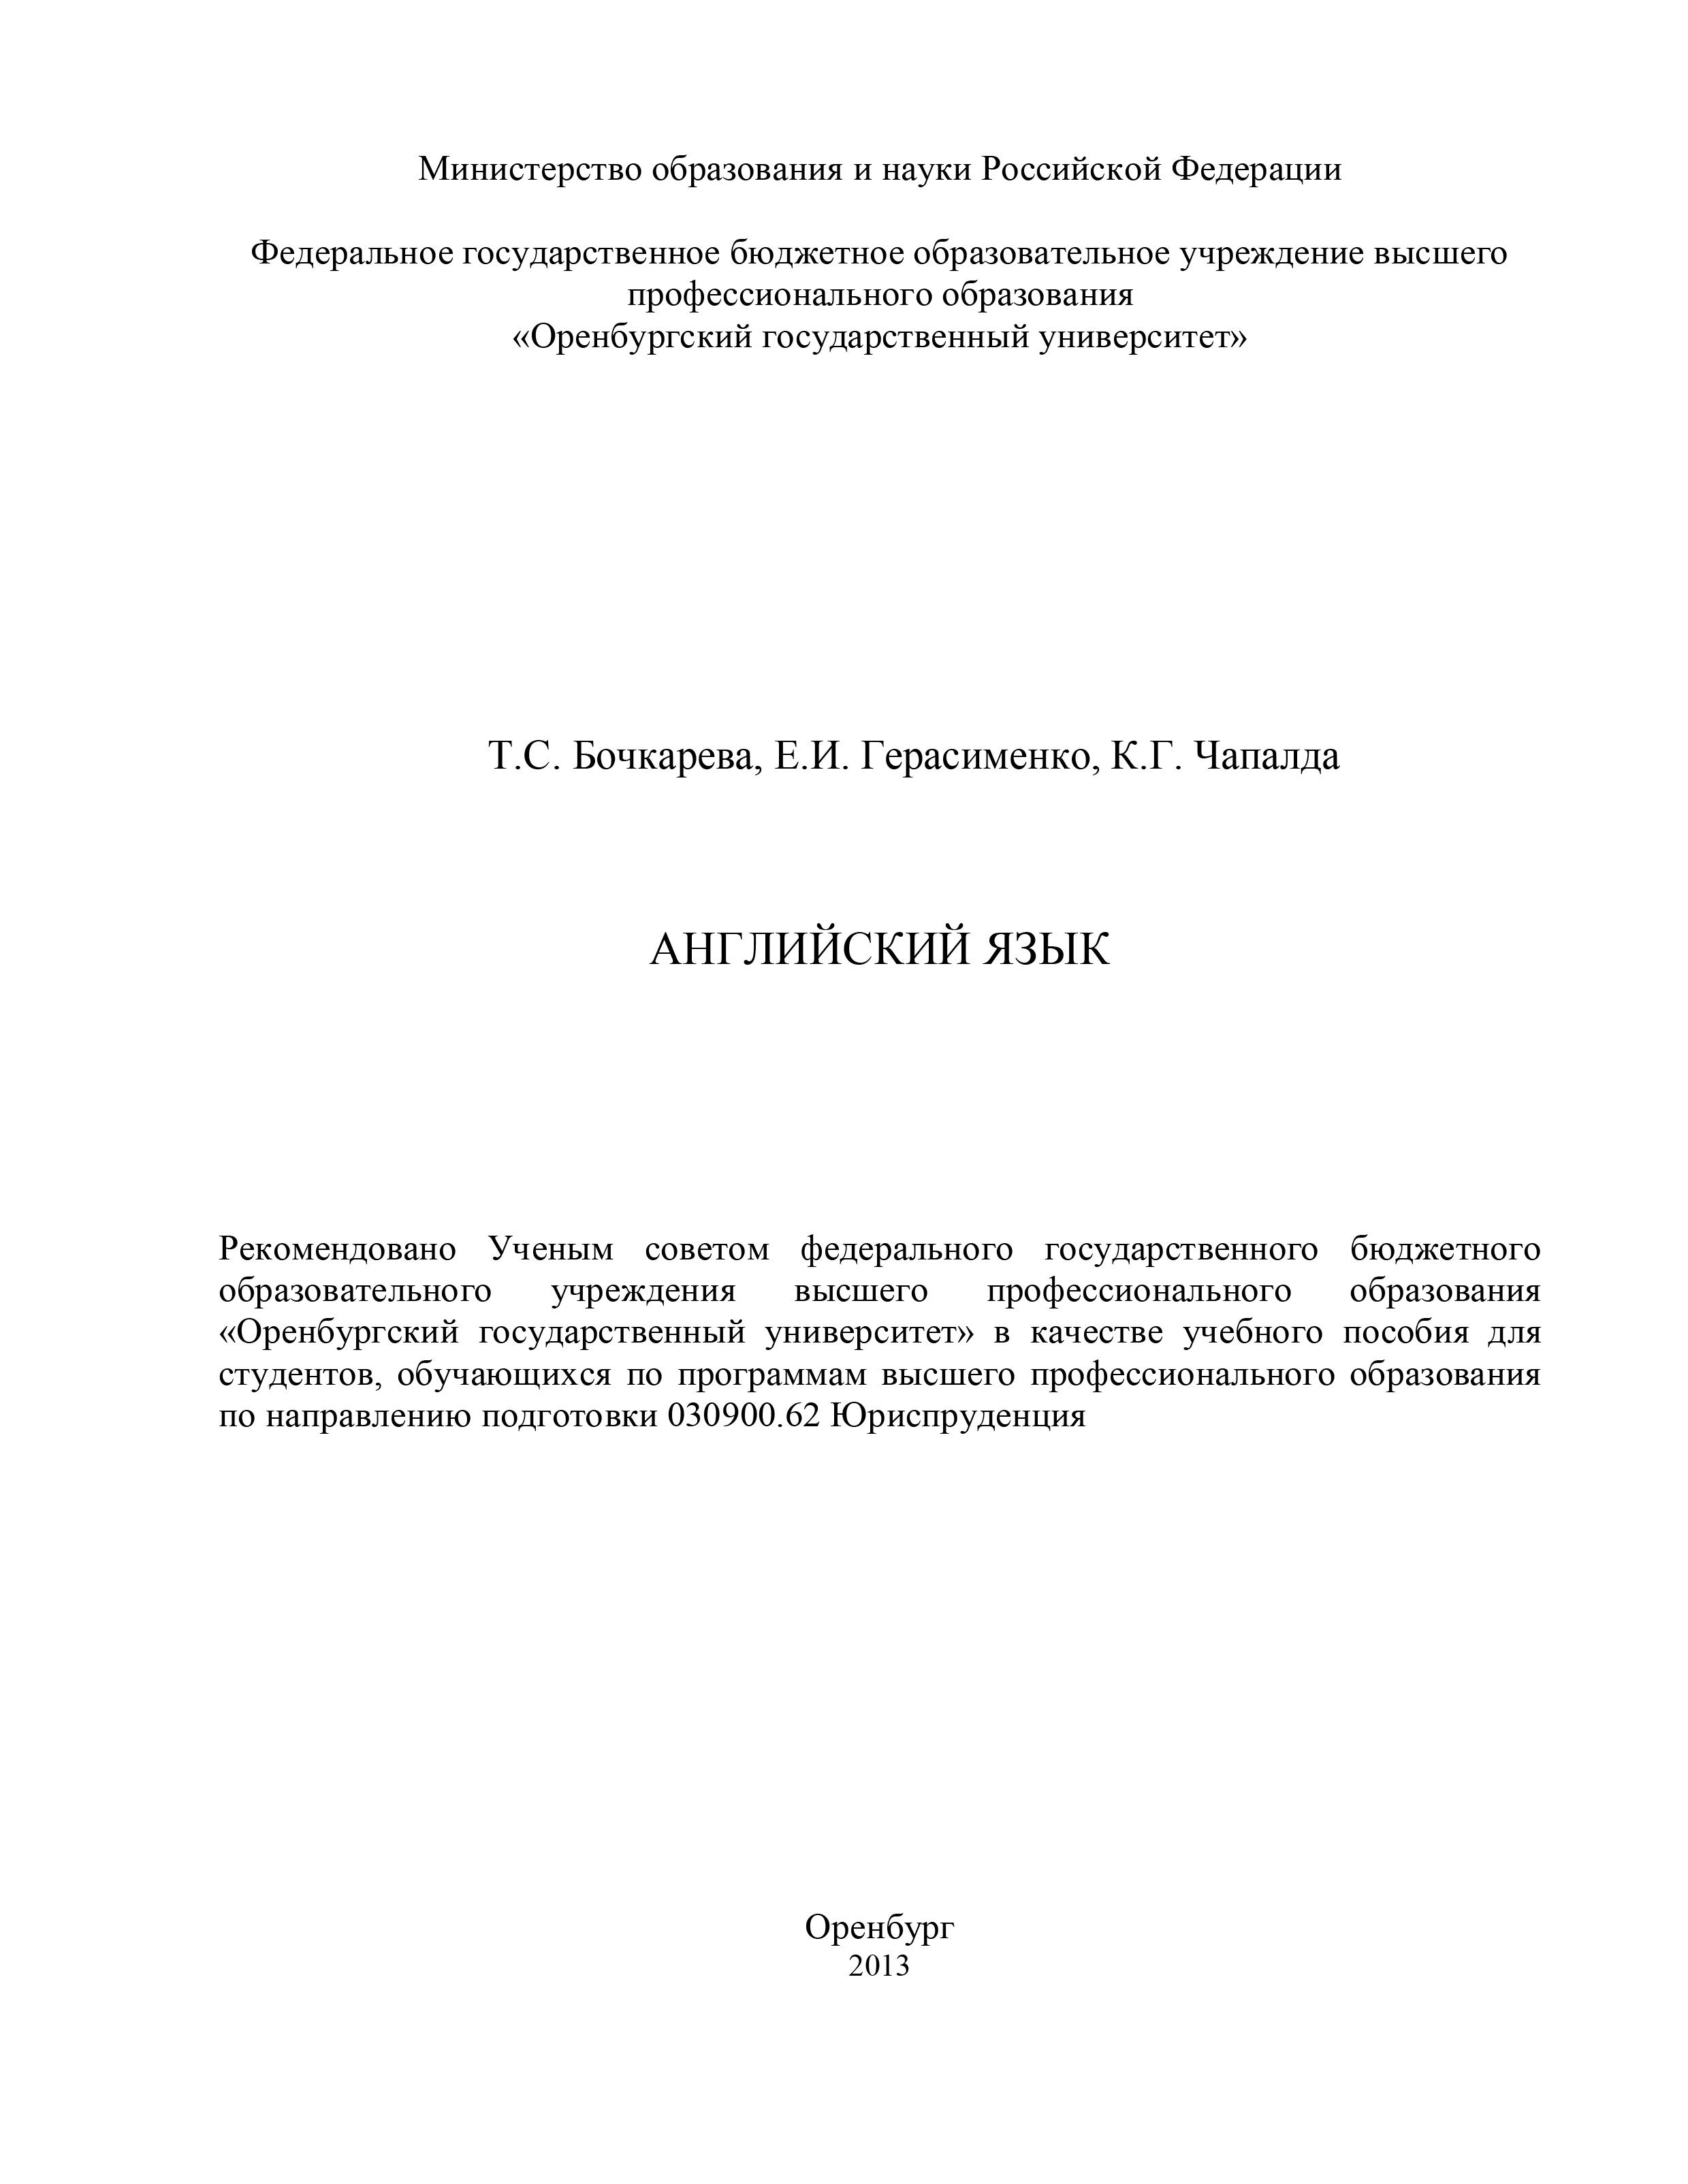 Т. С. Бочкарева Английский язык цена